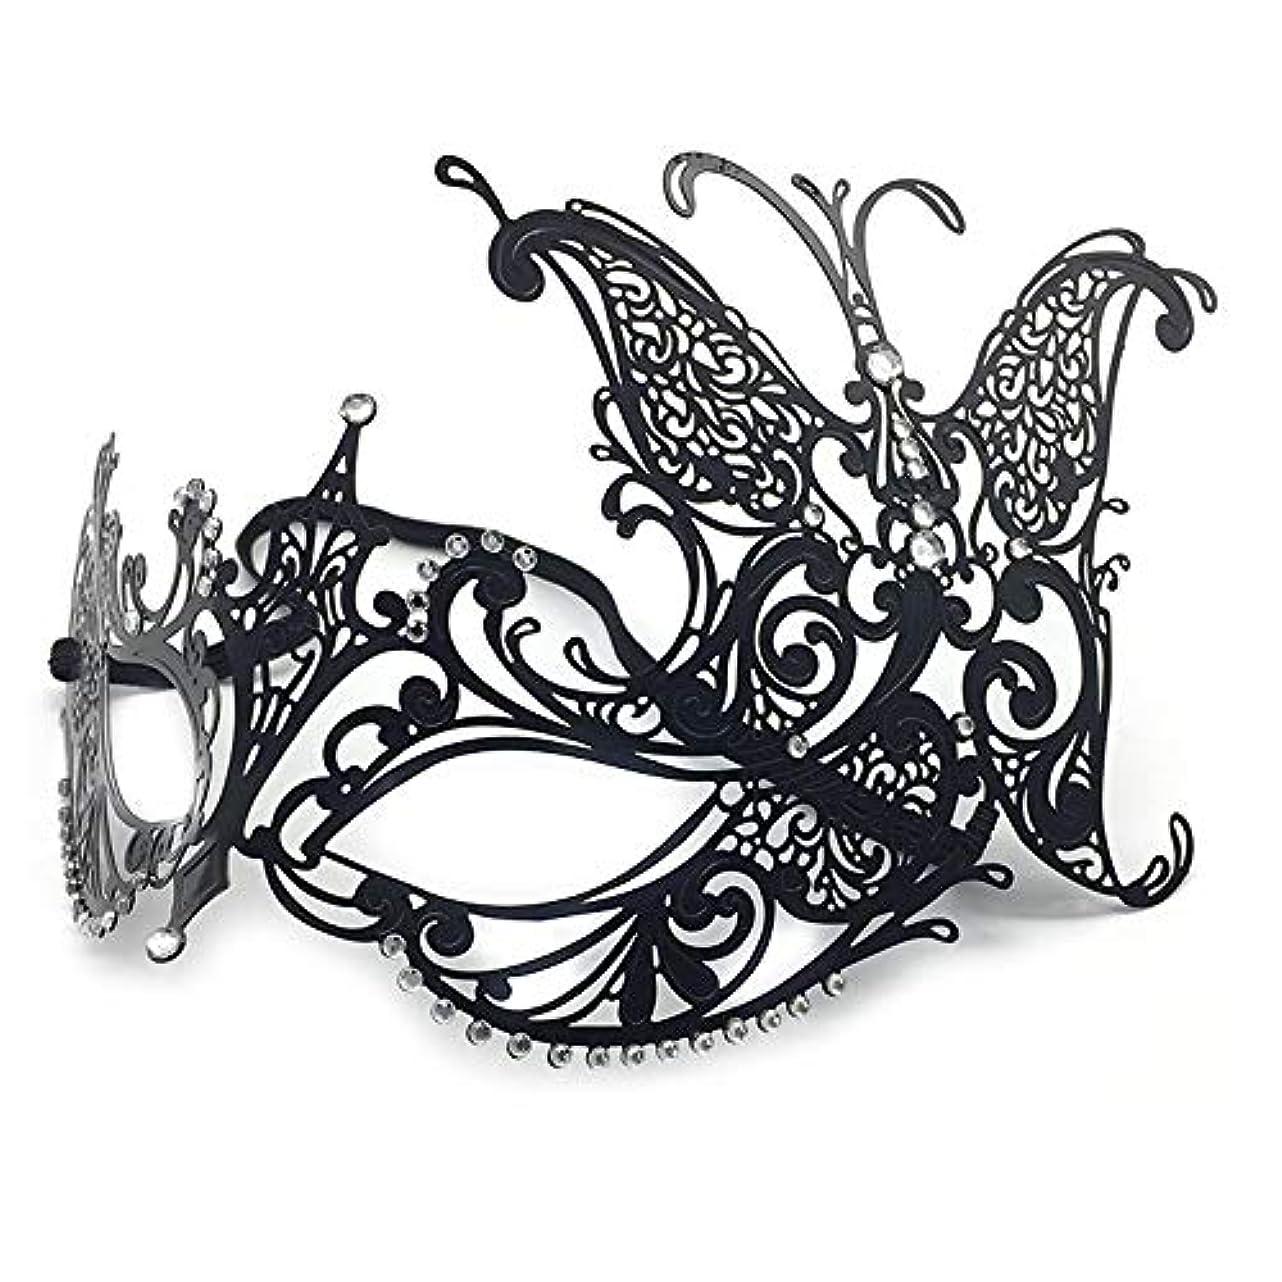 低いチャペル同盟ハロウィーンのお祝いヴェネツィア仮装ハーフフェイスレディメタルダイヤモンドバタフライアイアンマスクパーティー